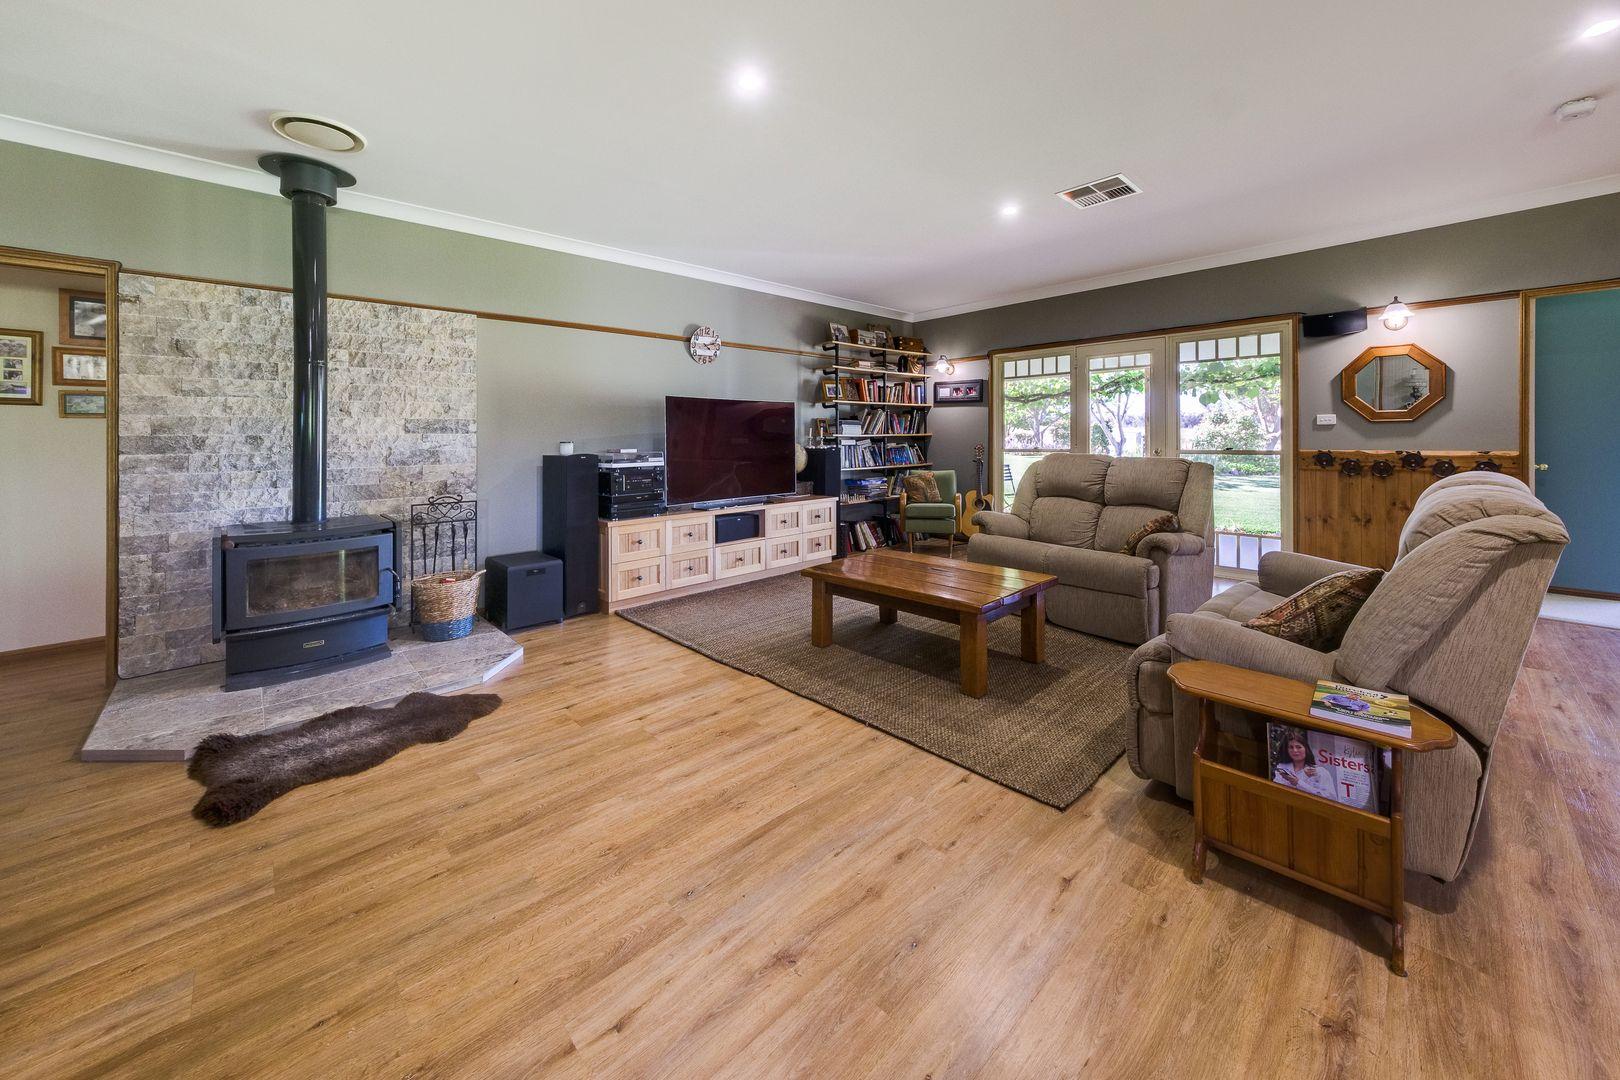 407 Bartons Lane, Duri (Gowrie), Tamworth NSW 2340, Image 2